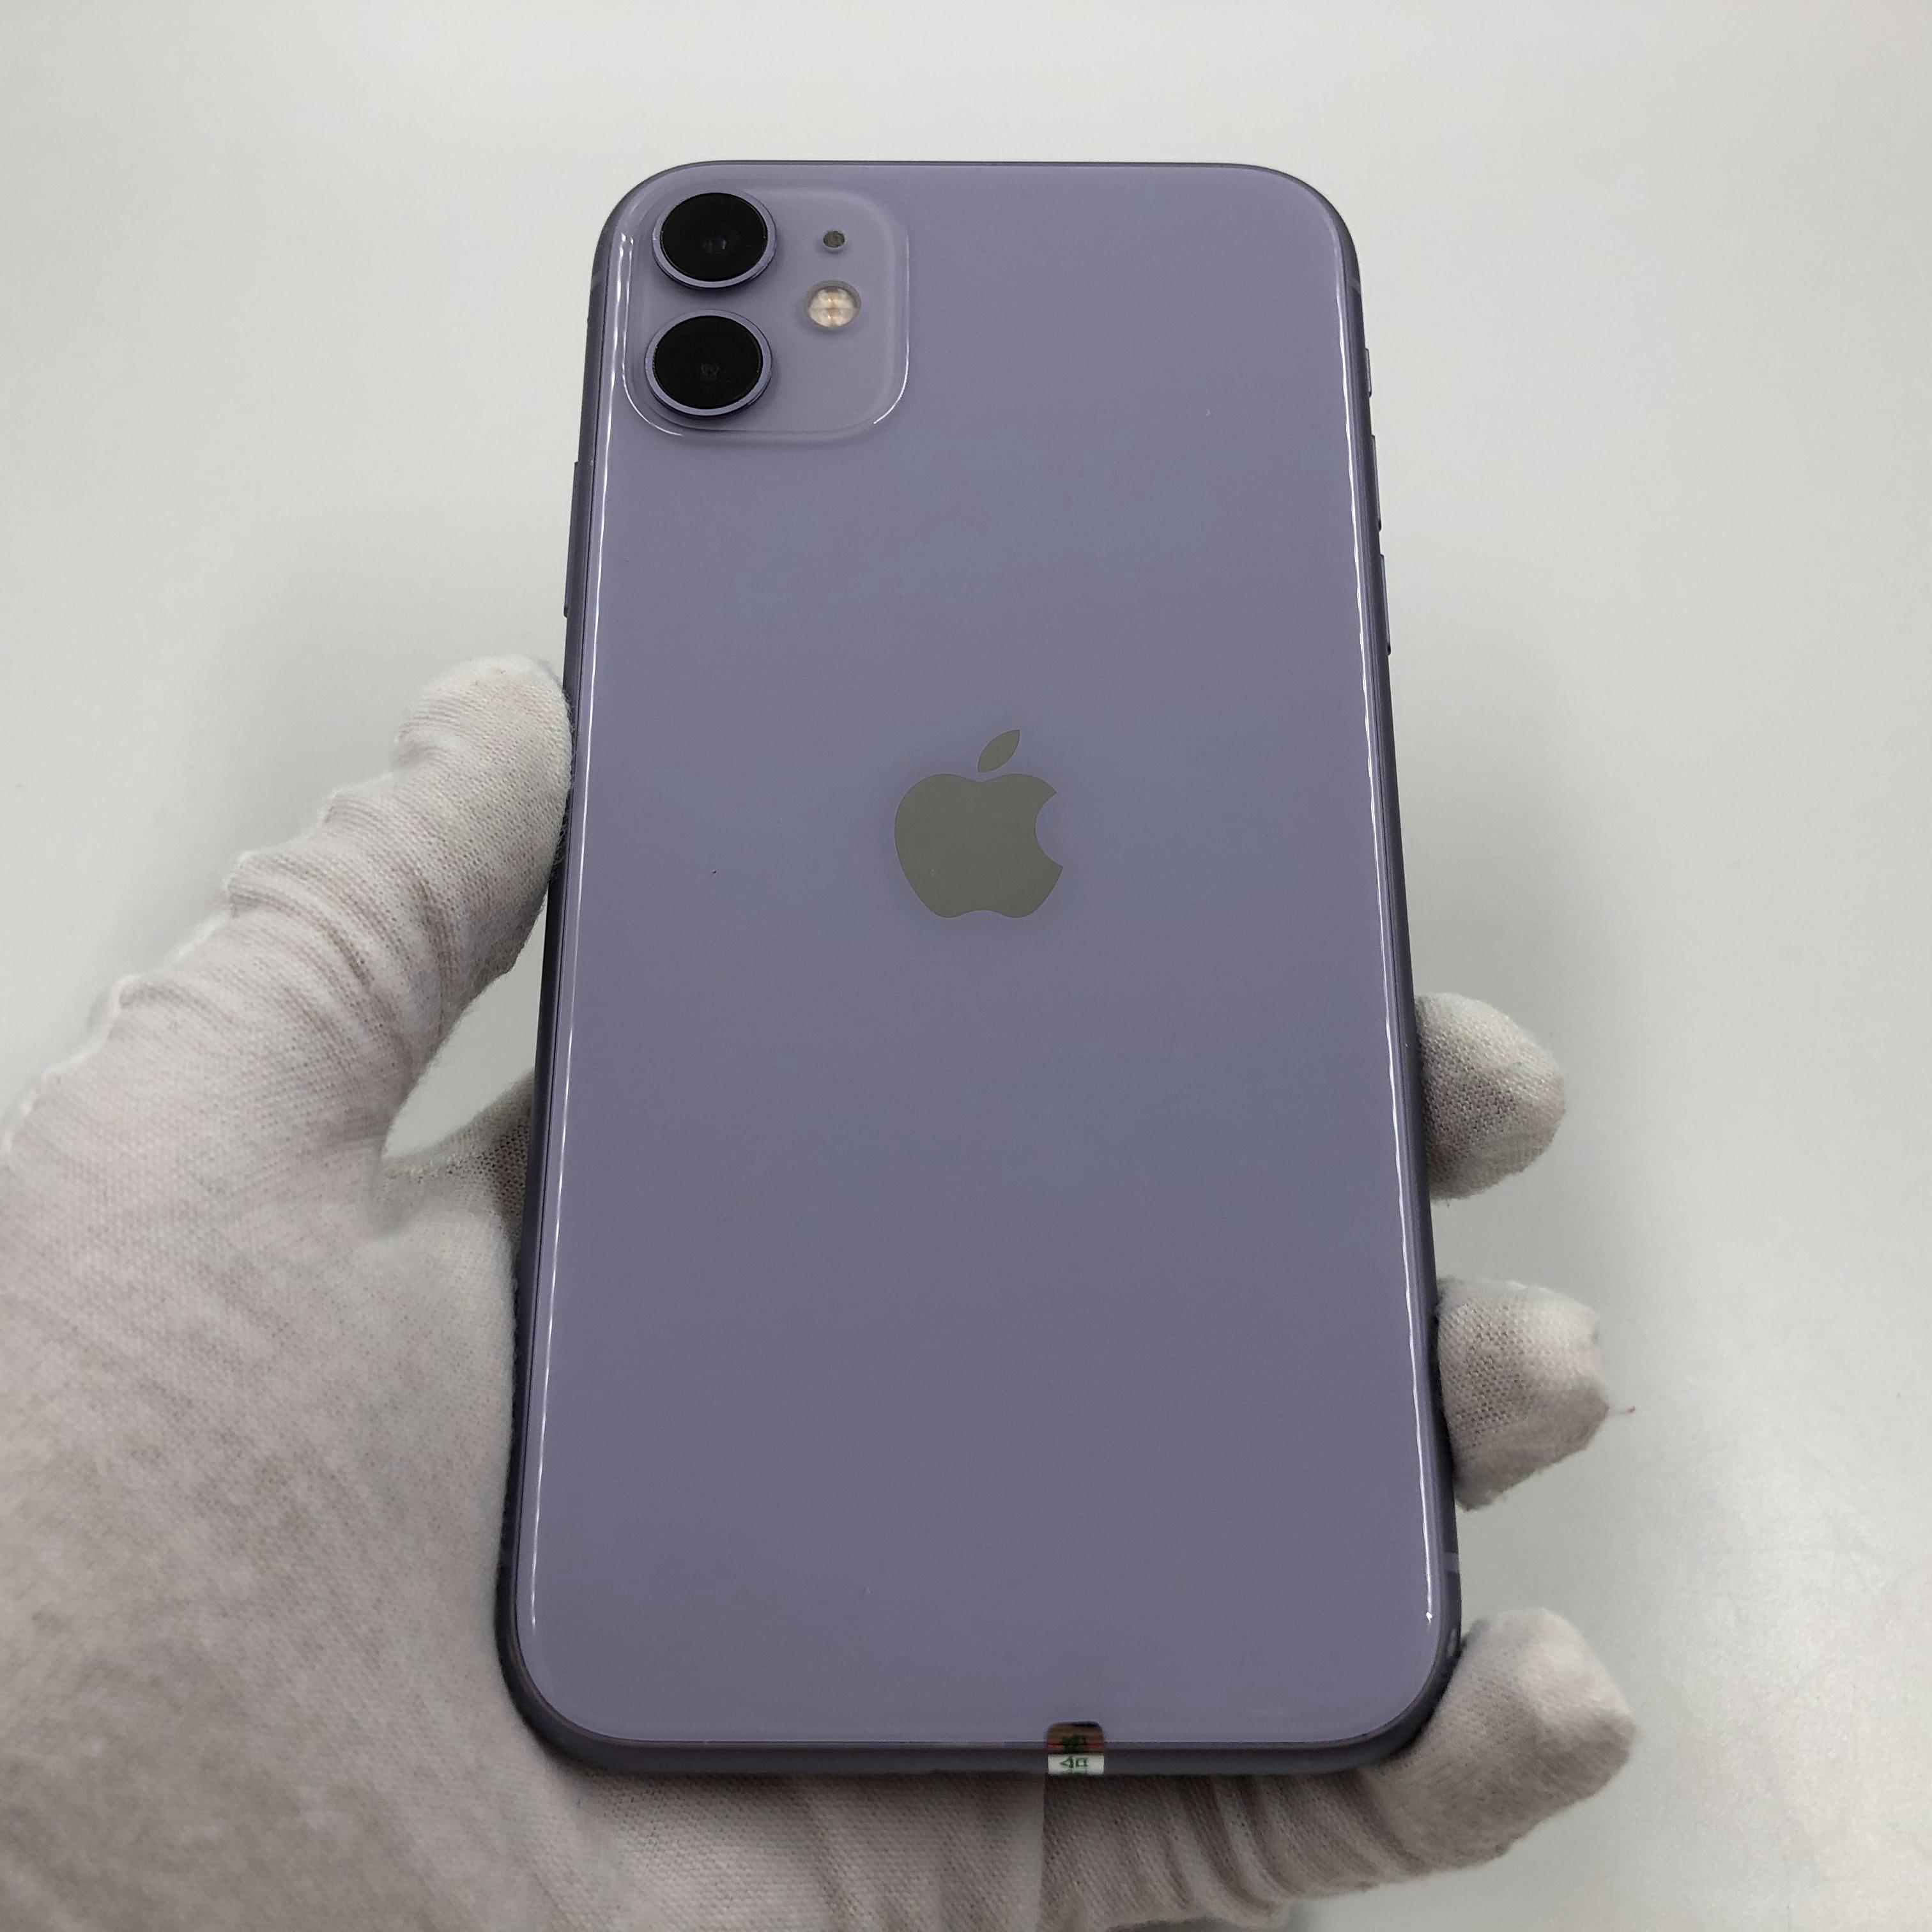 苹果【iPhone 11】4G全网通 紫色 64G 国行 9成新 真机实拍